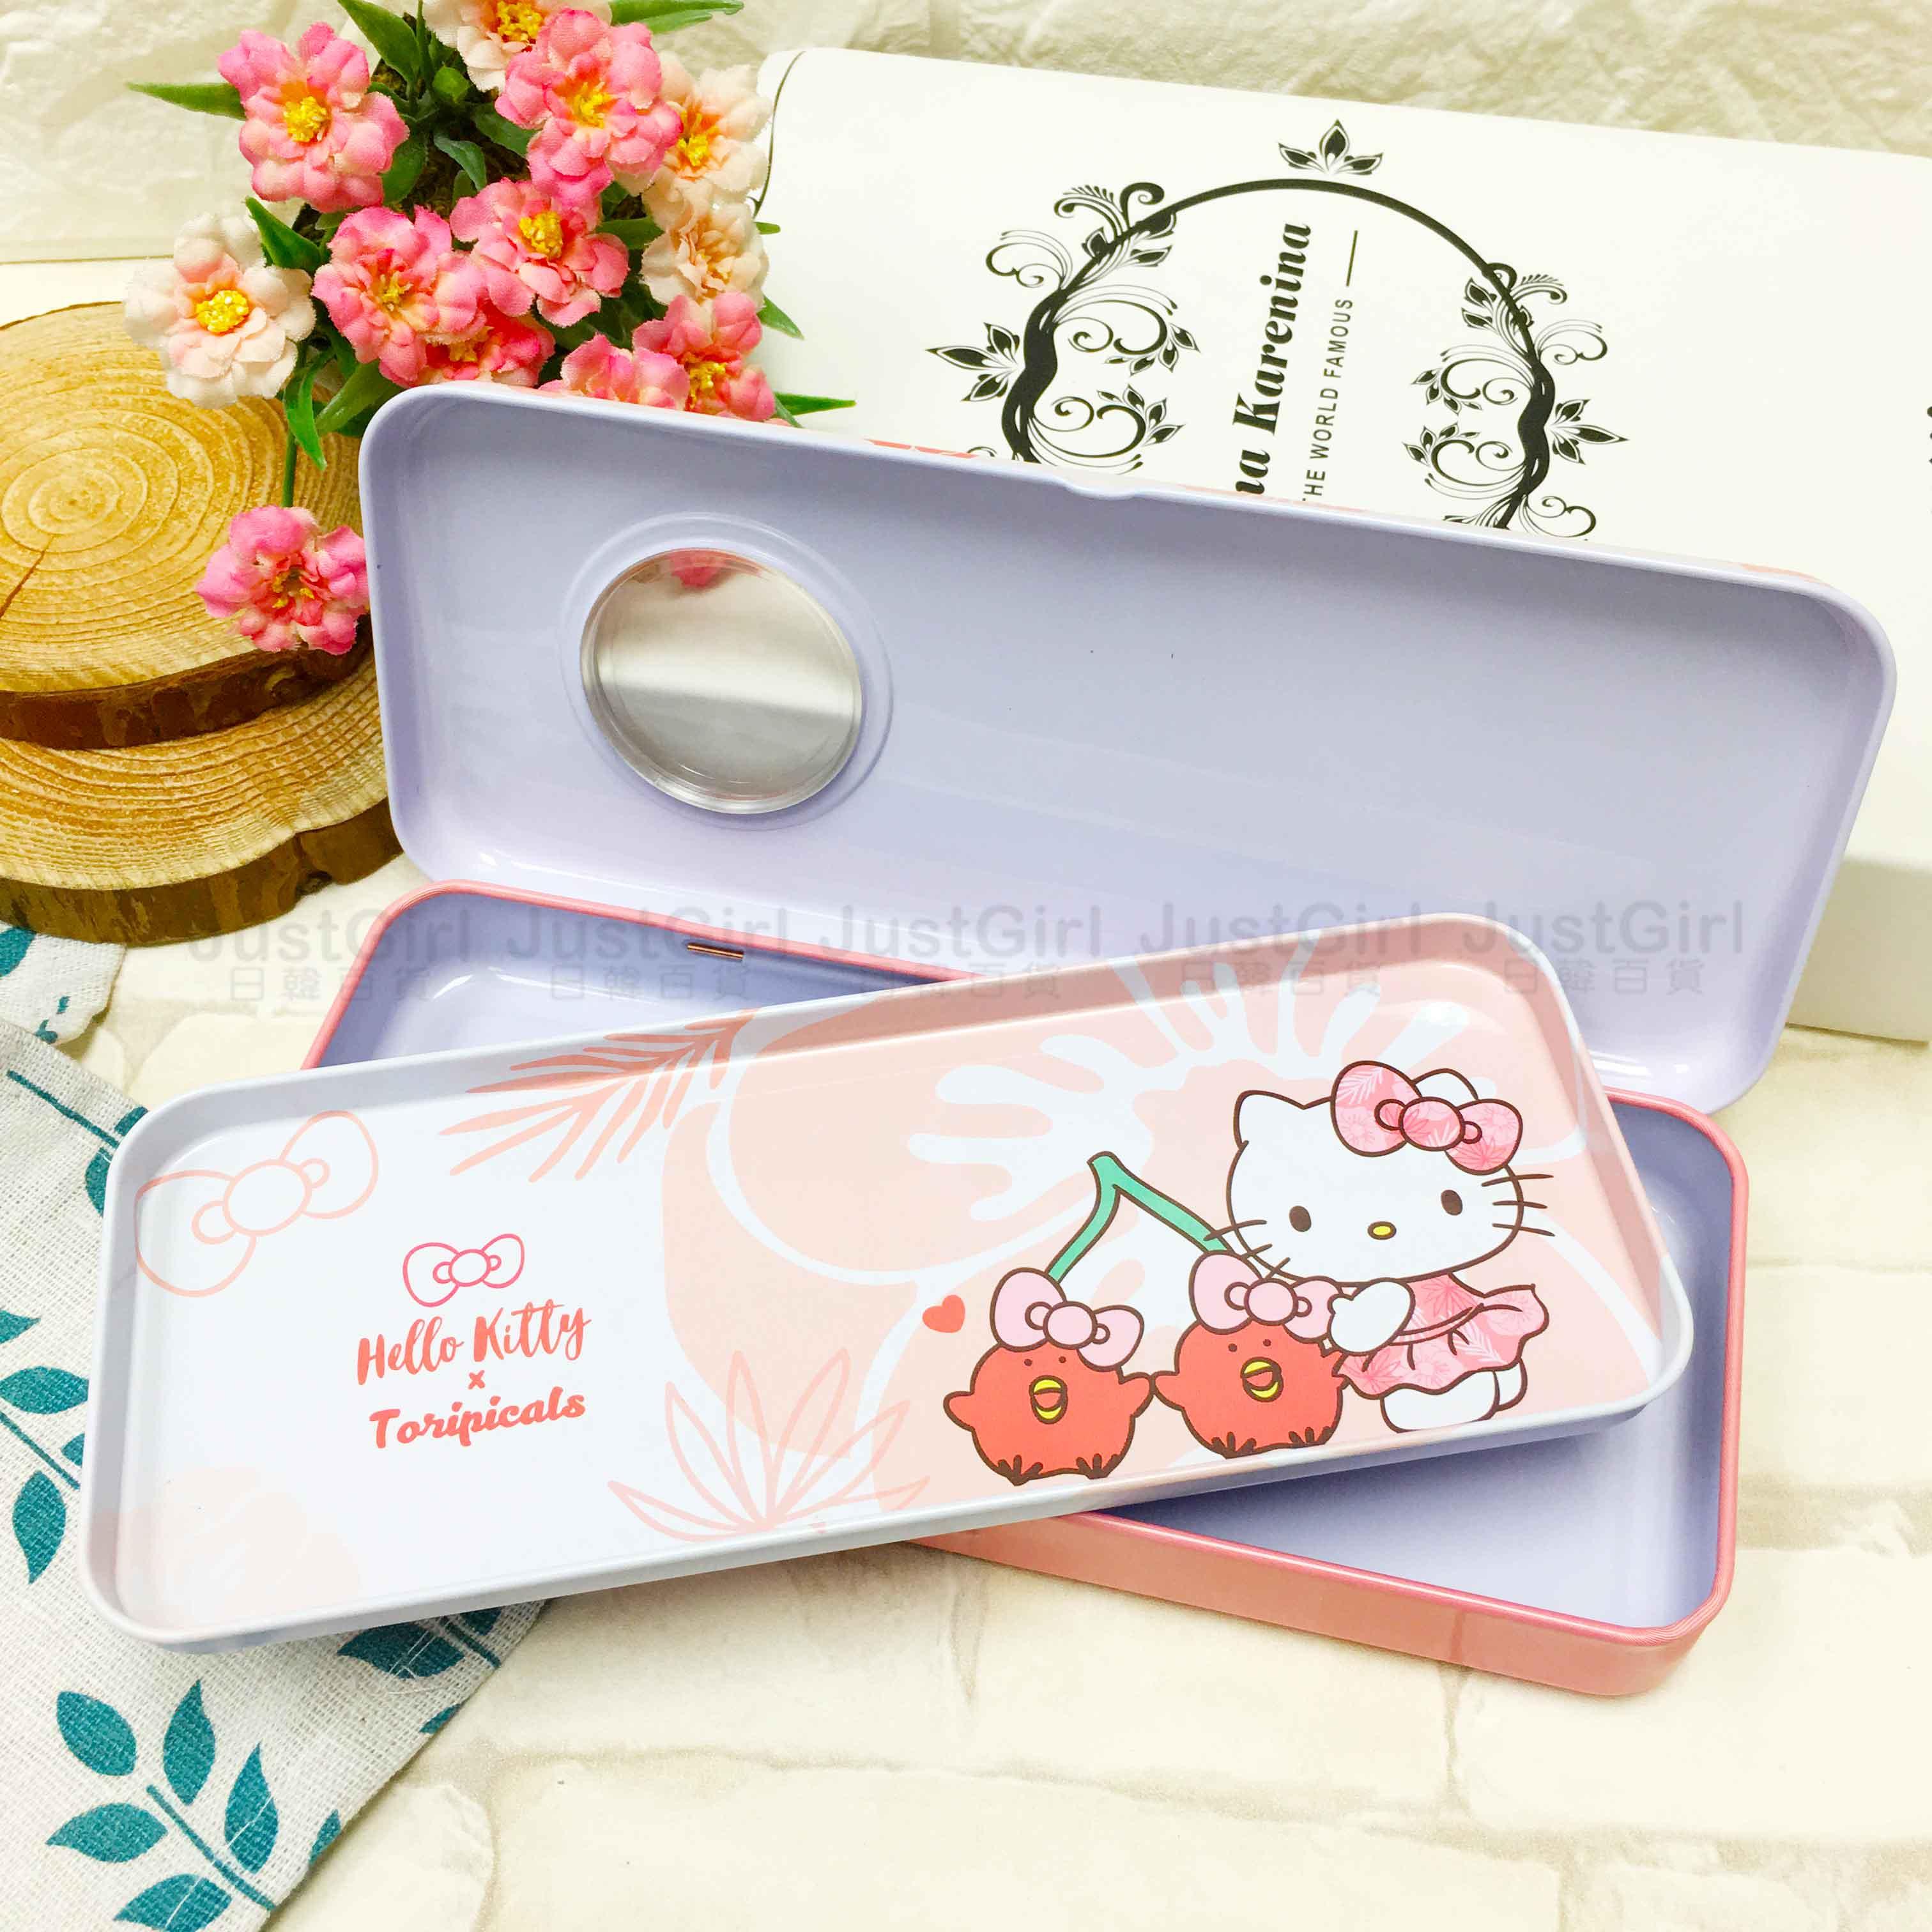 雙層鐵筆盒 三麗鷗 Hello Kitty 布丁狗 2款 造型鉛筆盒 正版授權